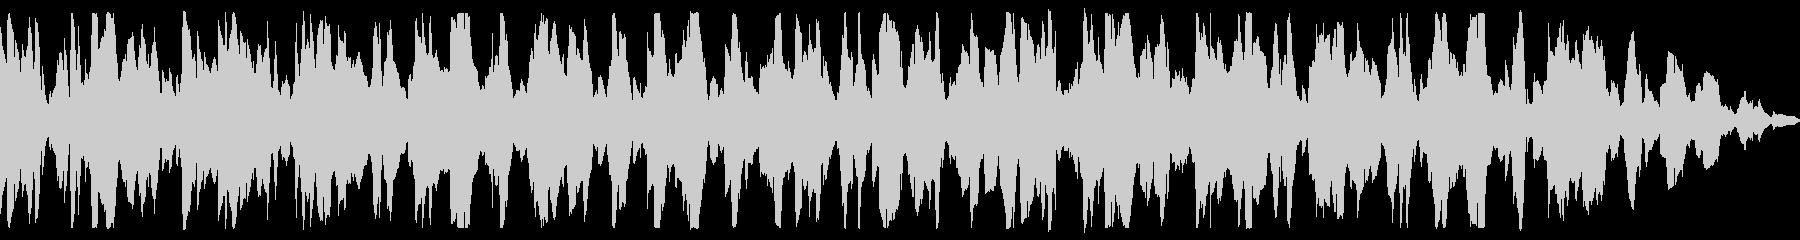 エレピのしっかり聴こえる着信音の未再生の波形